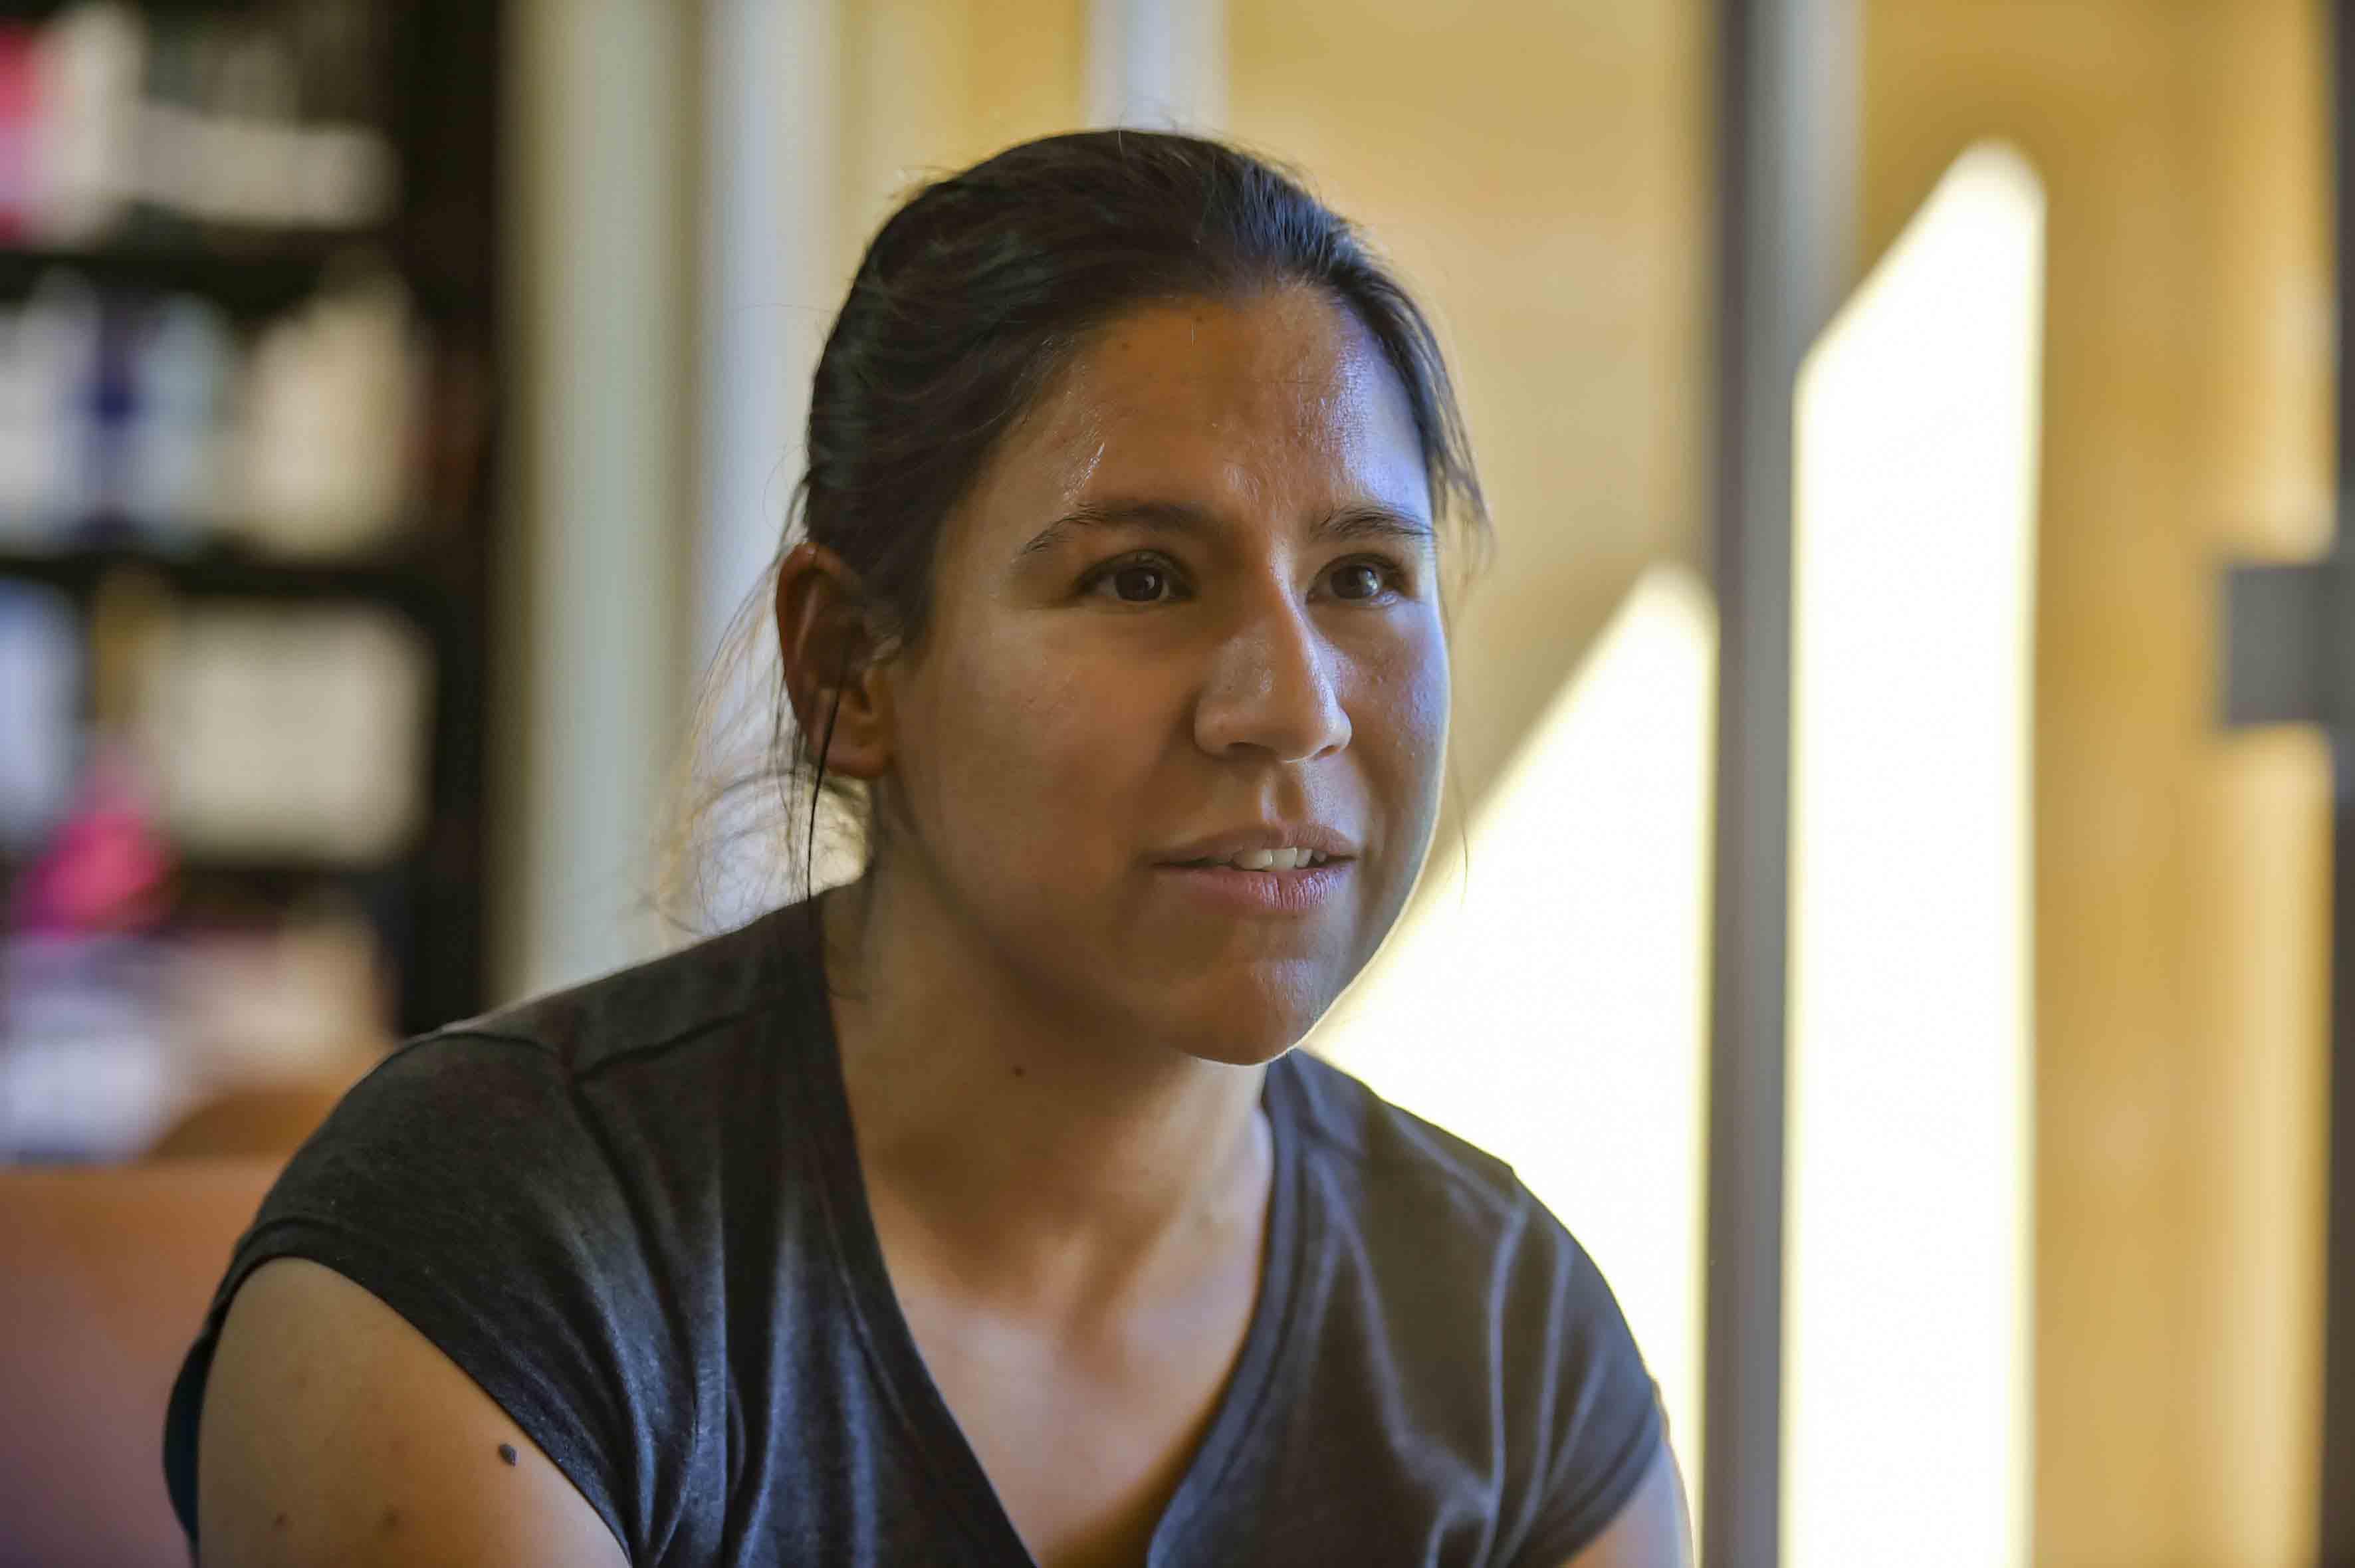 Mujer de tez morena siento entrevistada